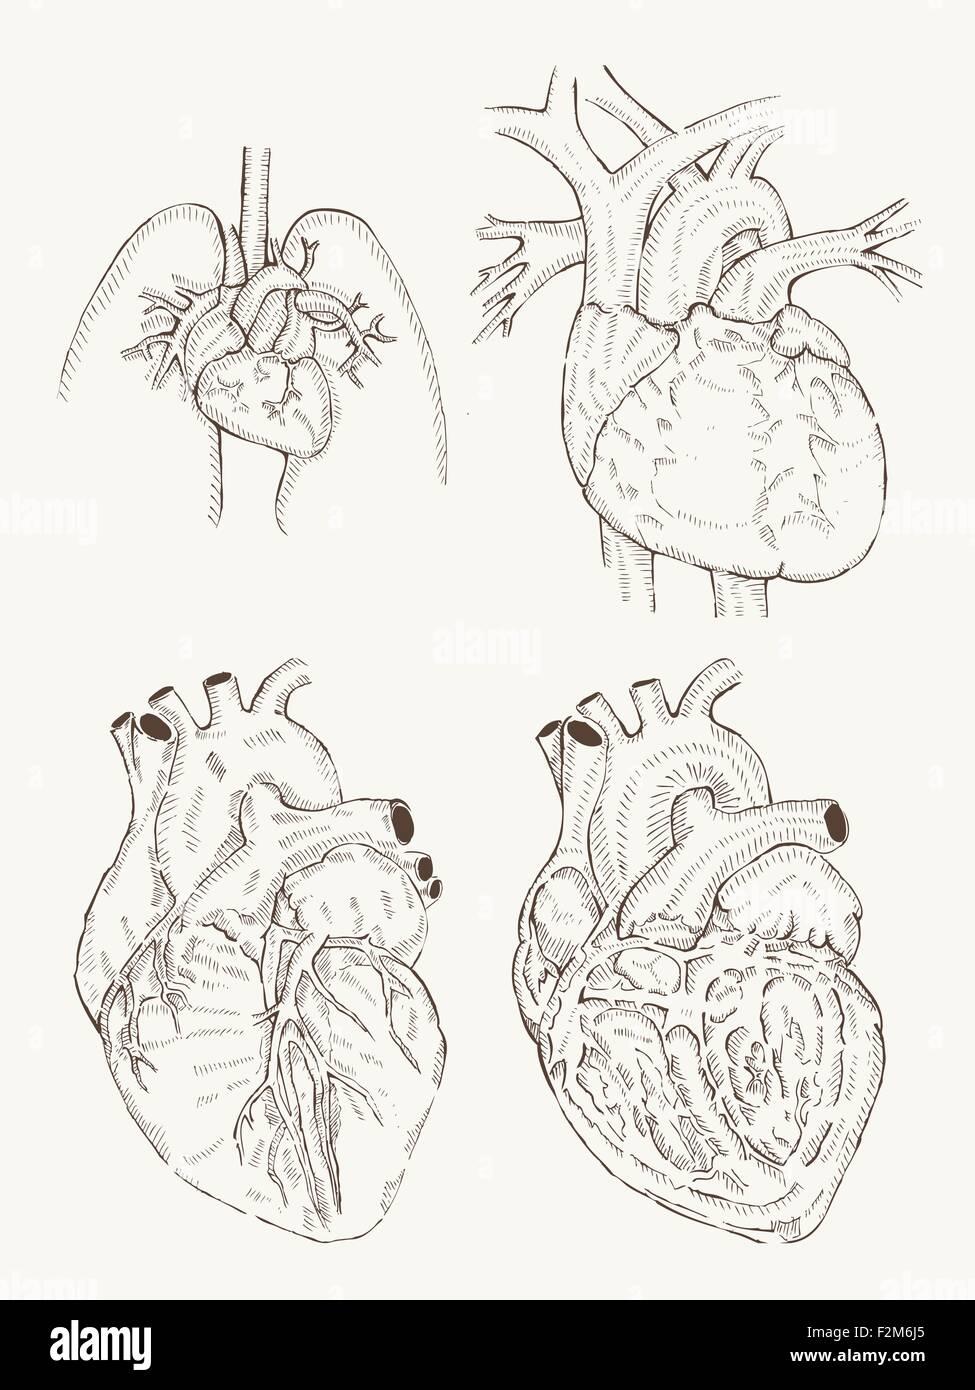 Draw Anatomy Stockfotos & Draw Anatomy Bilder - Alamy